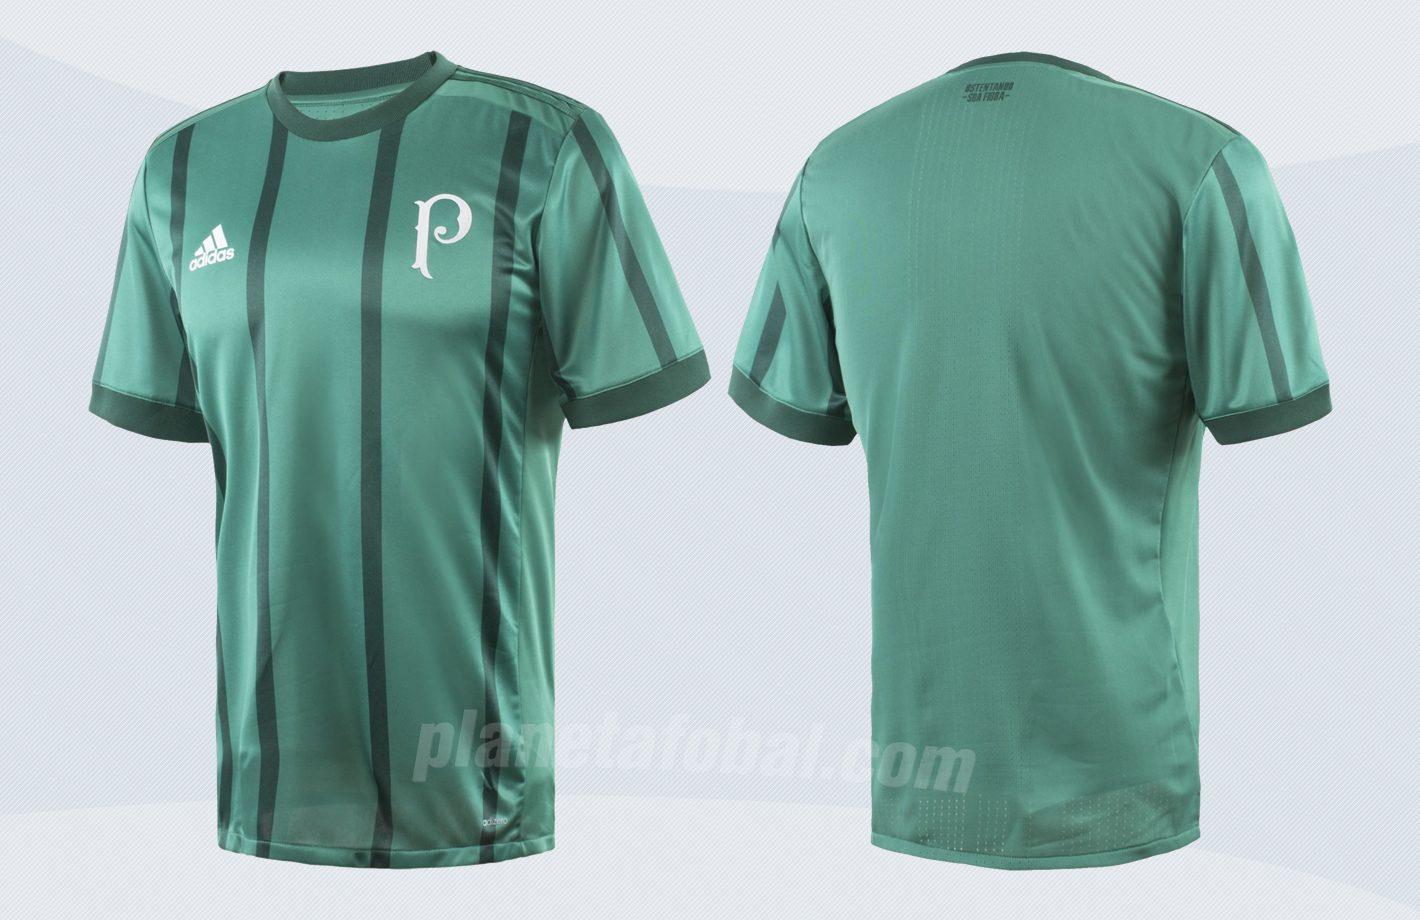 Nueva camiseta titular del Palmeiras | Imágenes Adidas